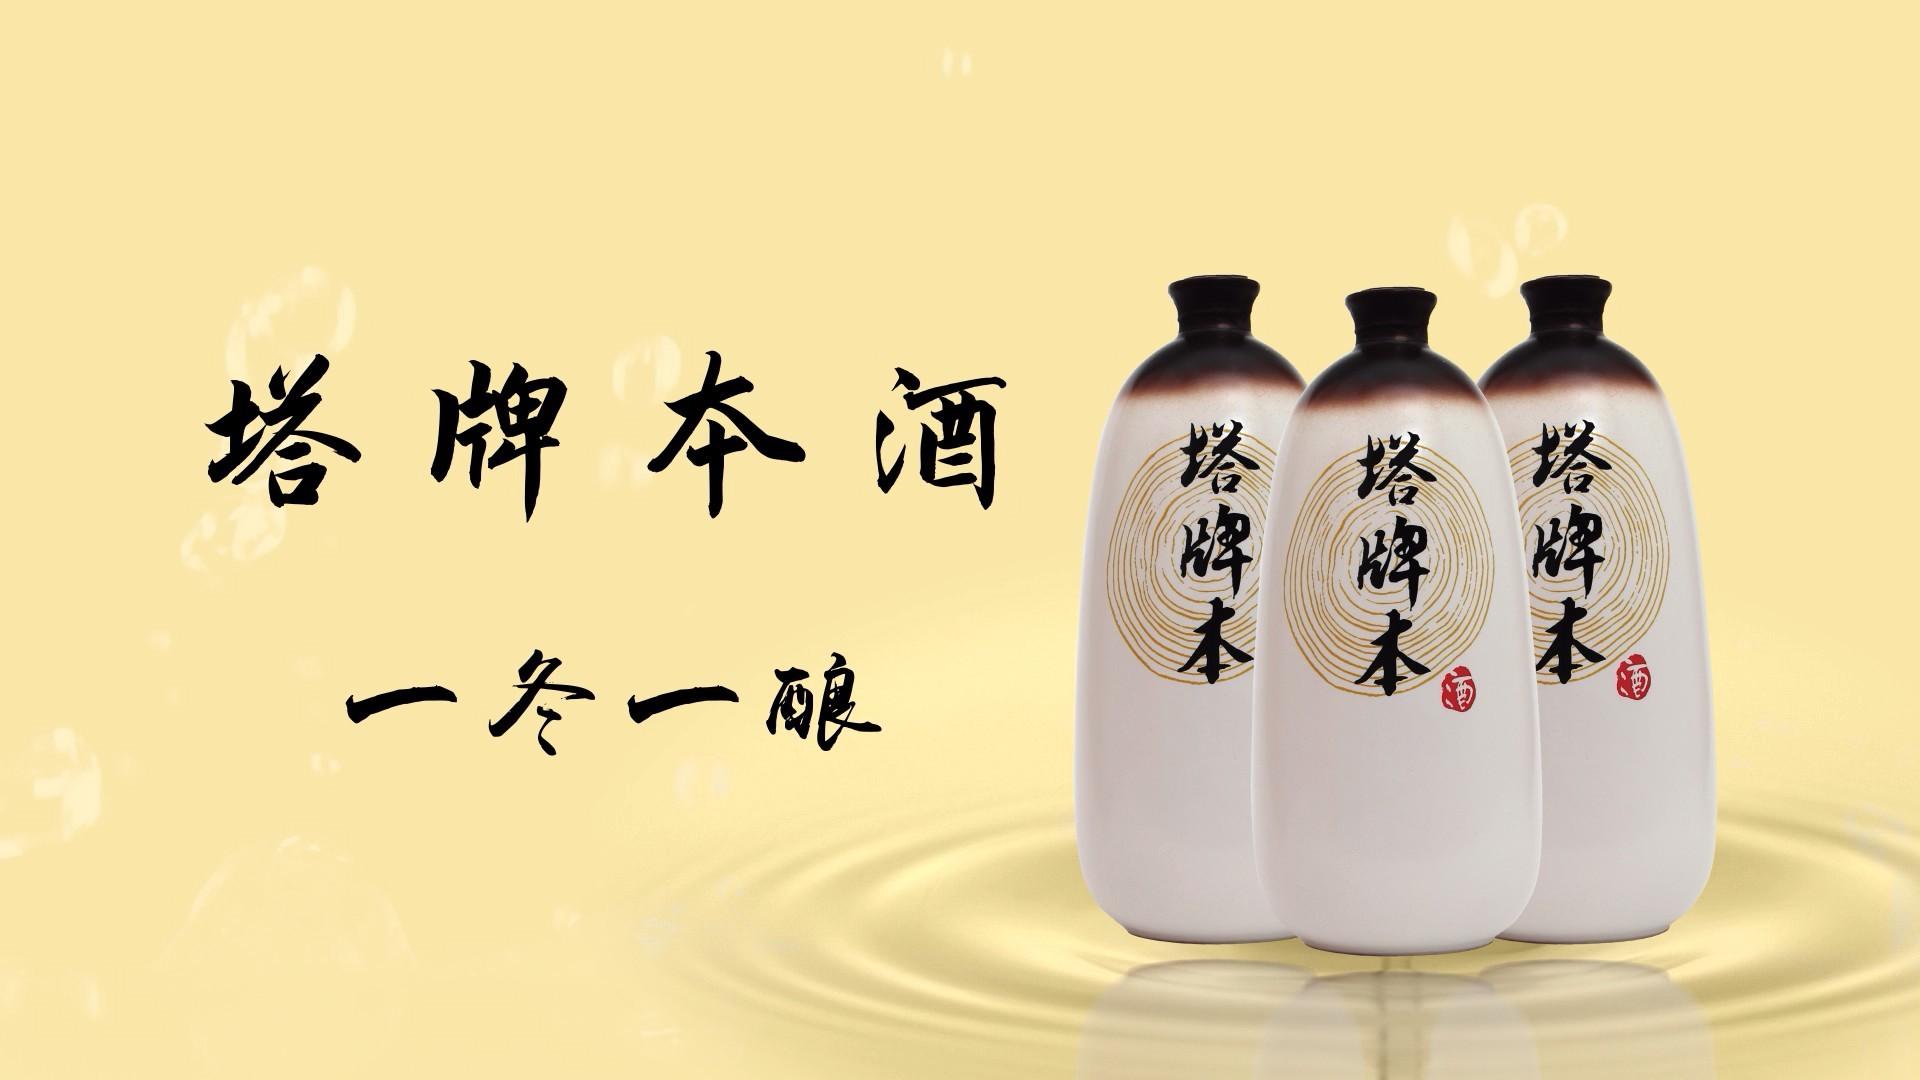 酒类——塔牌本酒0827-成_央视广告片